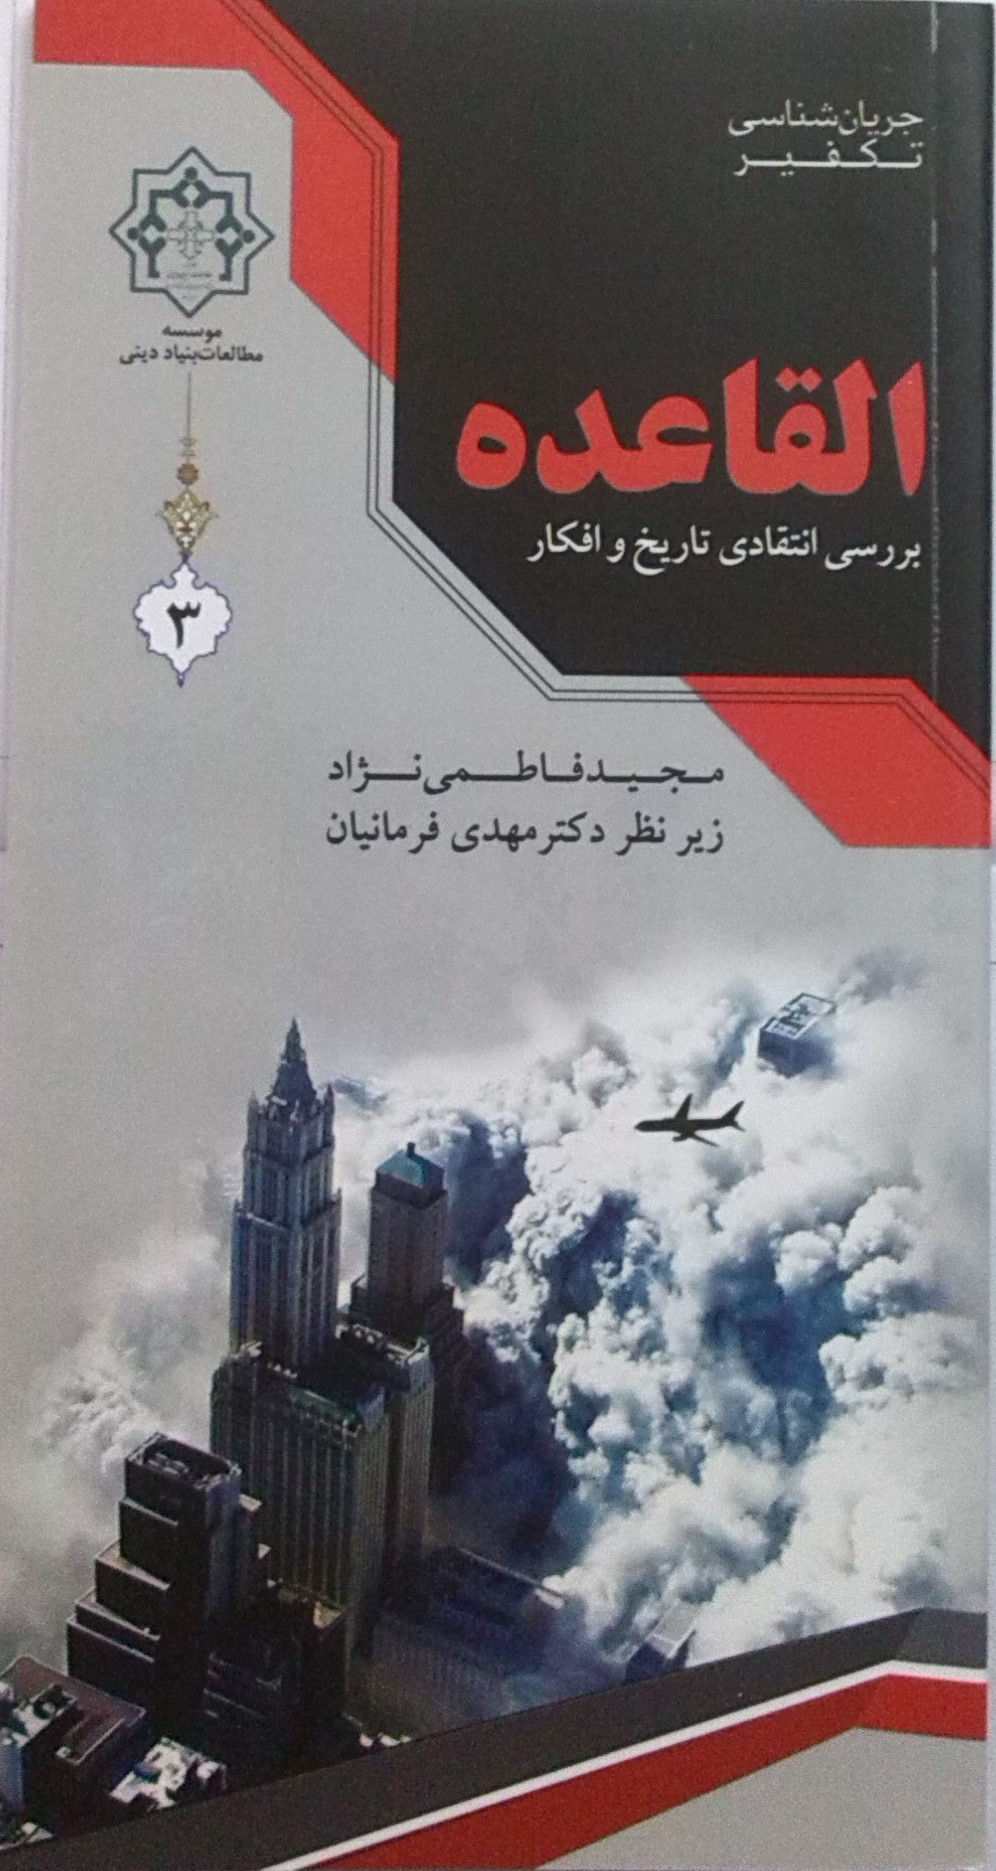 القاعده بررسی انتقادی تاریخ و افکار